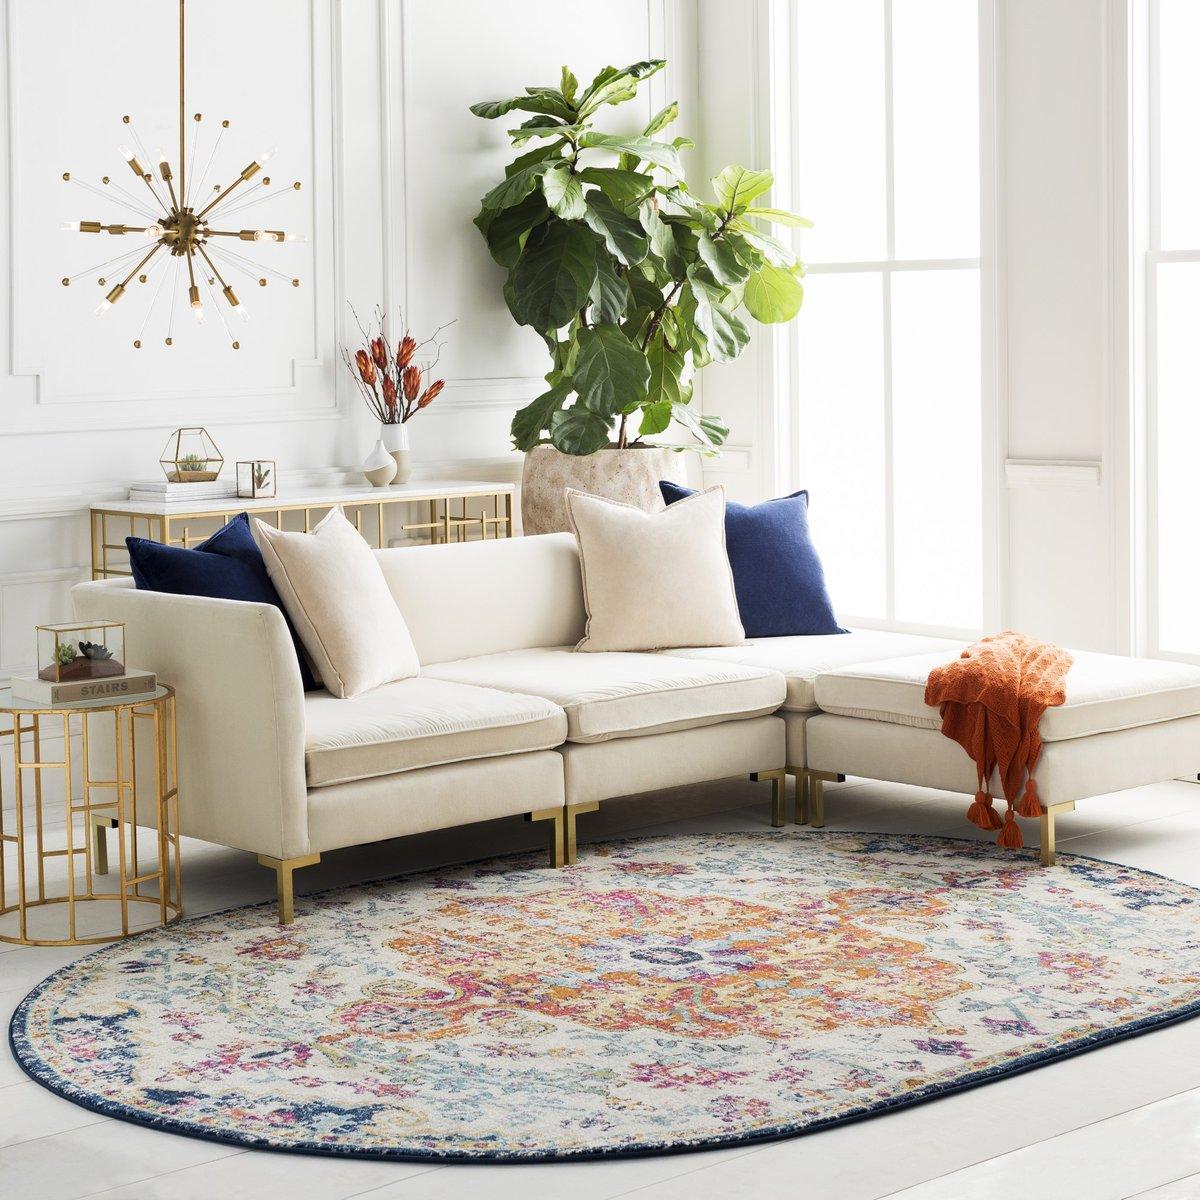 Oval vintage rug in living room